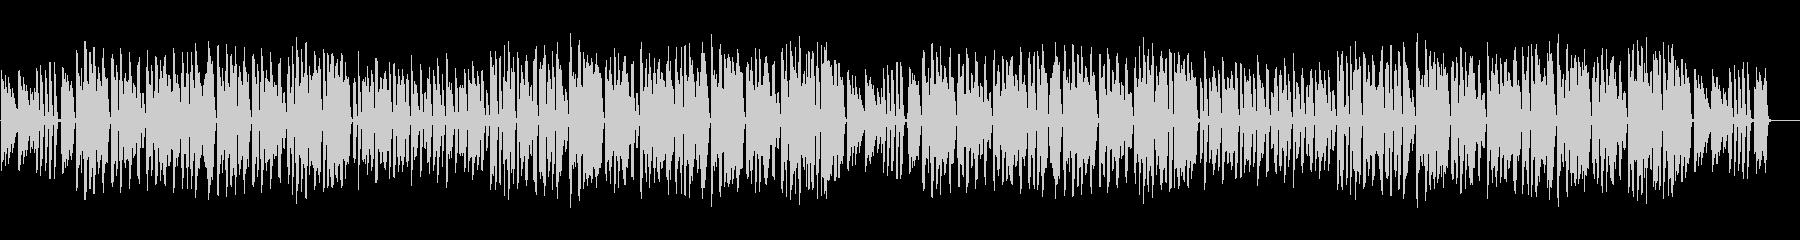 ピアノとリコーダーのほのぼの軽快な曲の未再生の波形